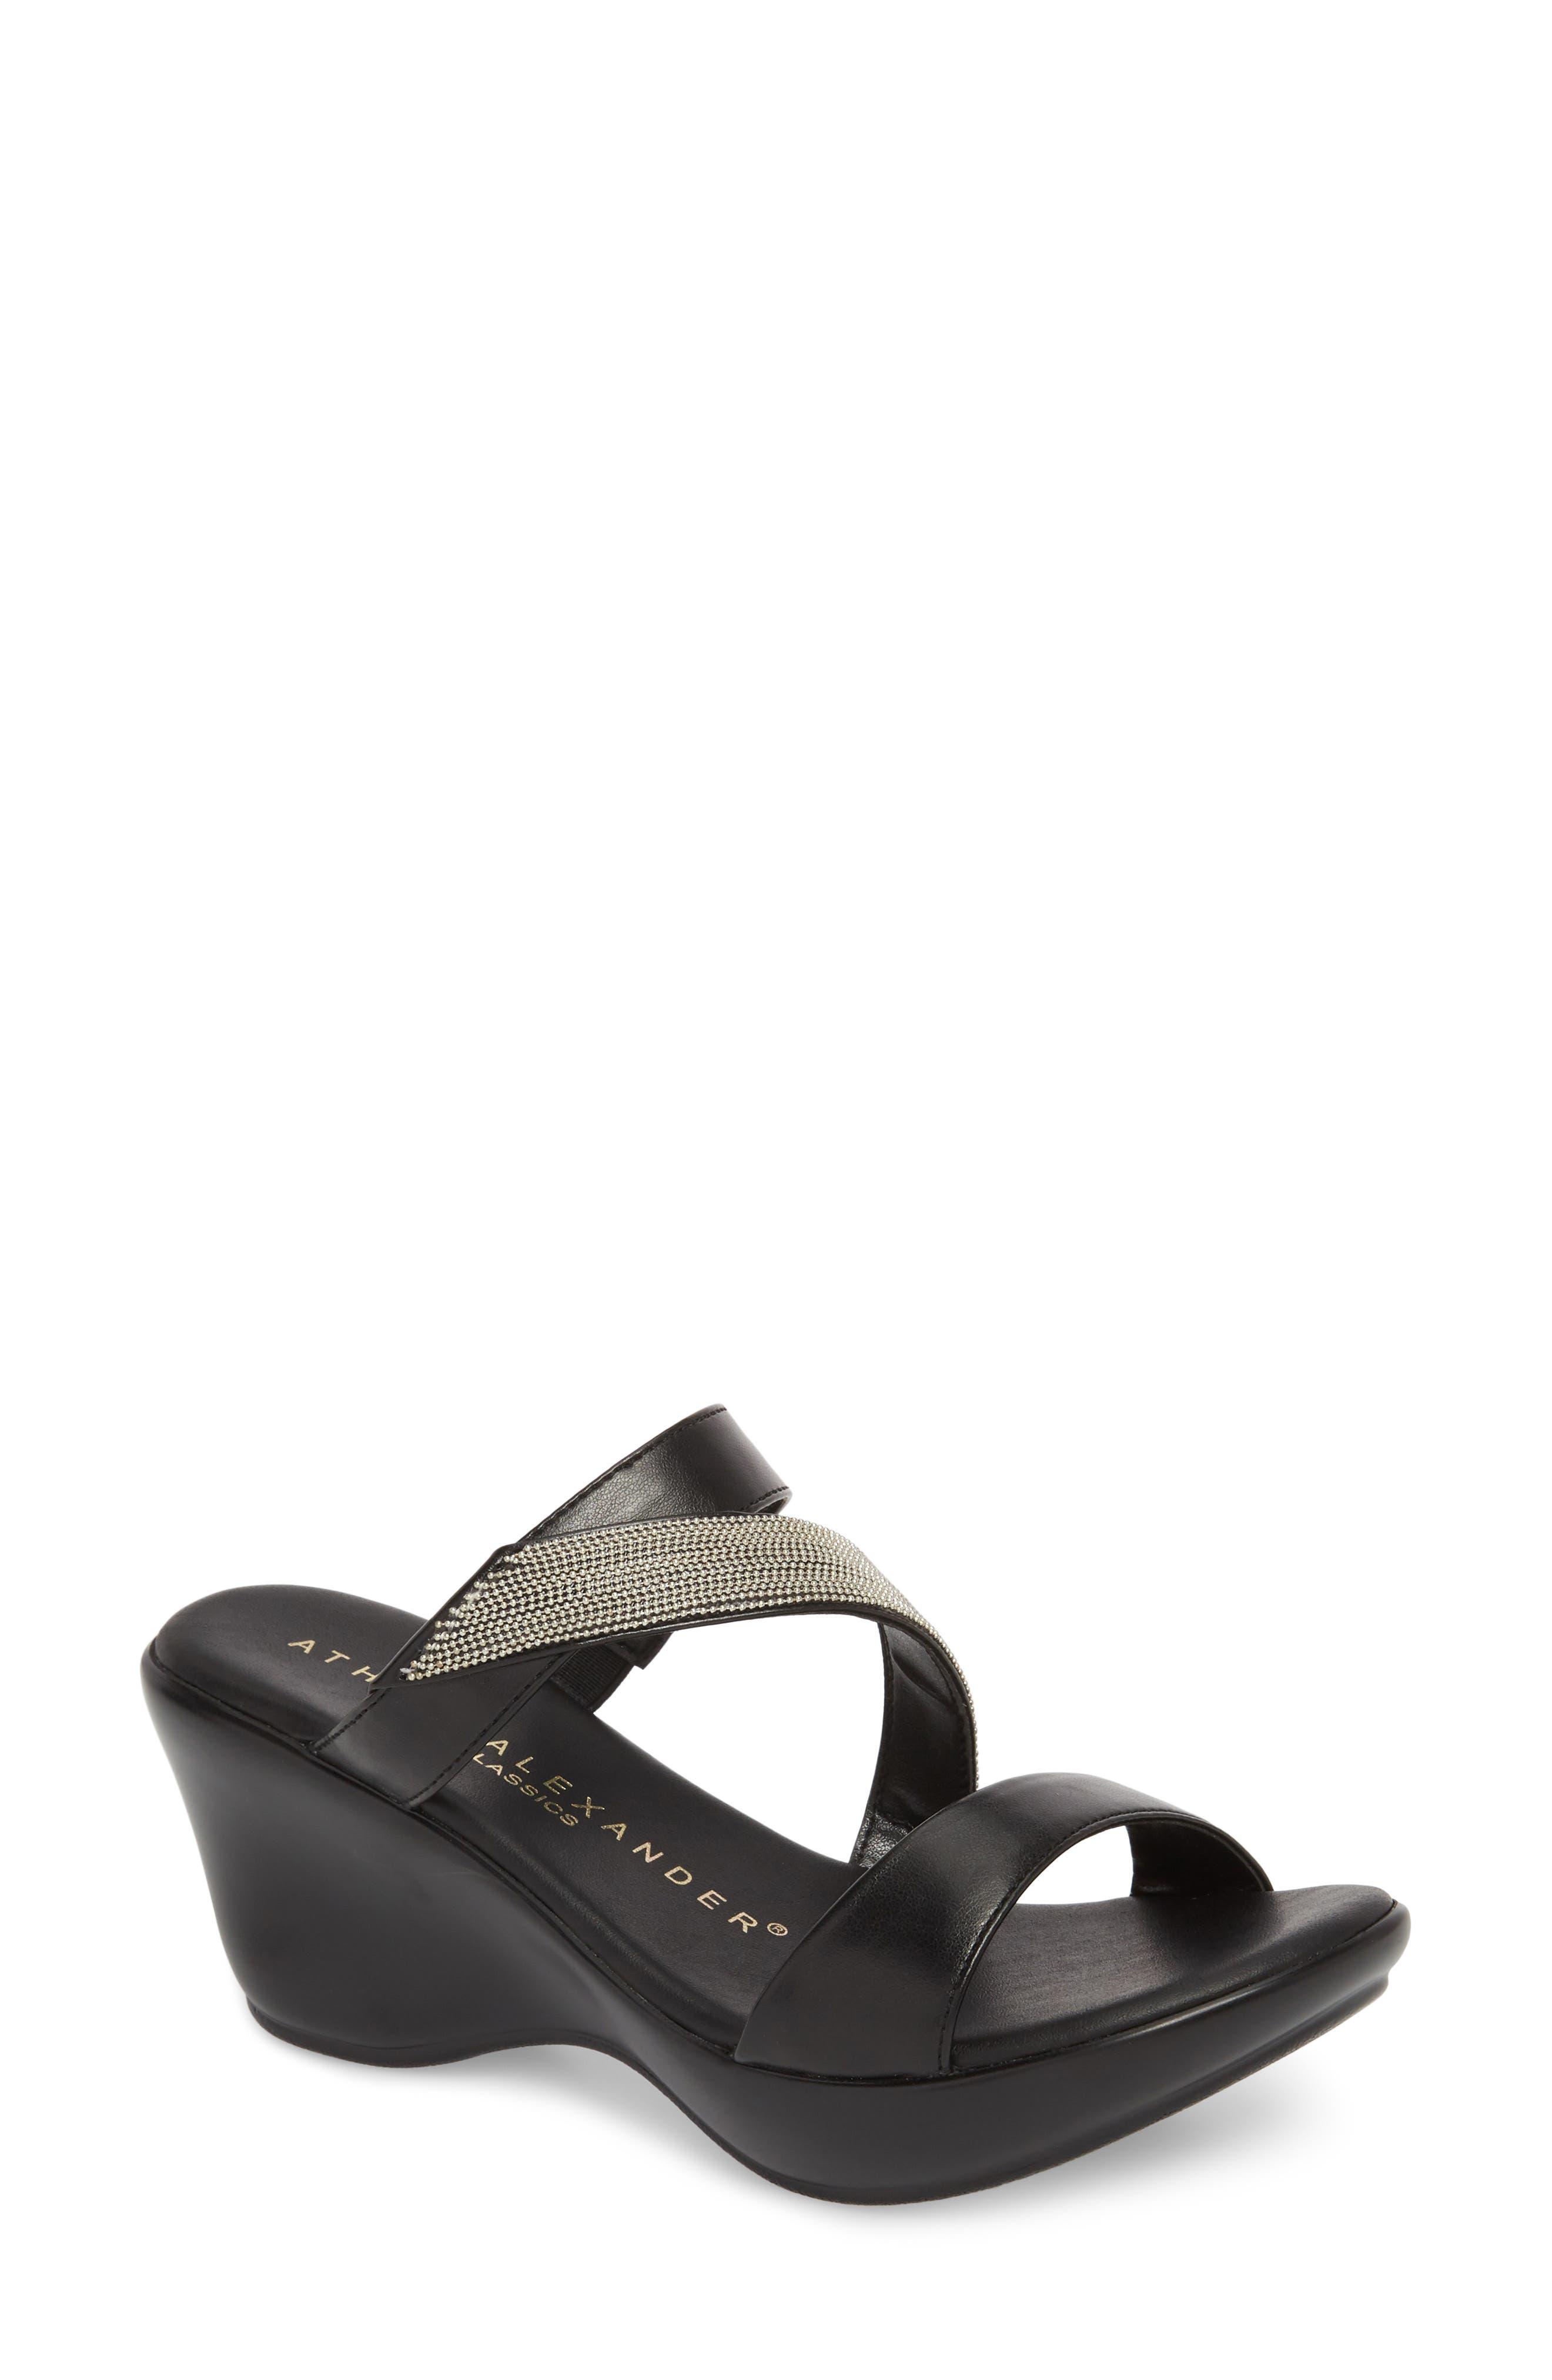 Athena Alexander Peyton Asymmetrical Slide Sandal- Black